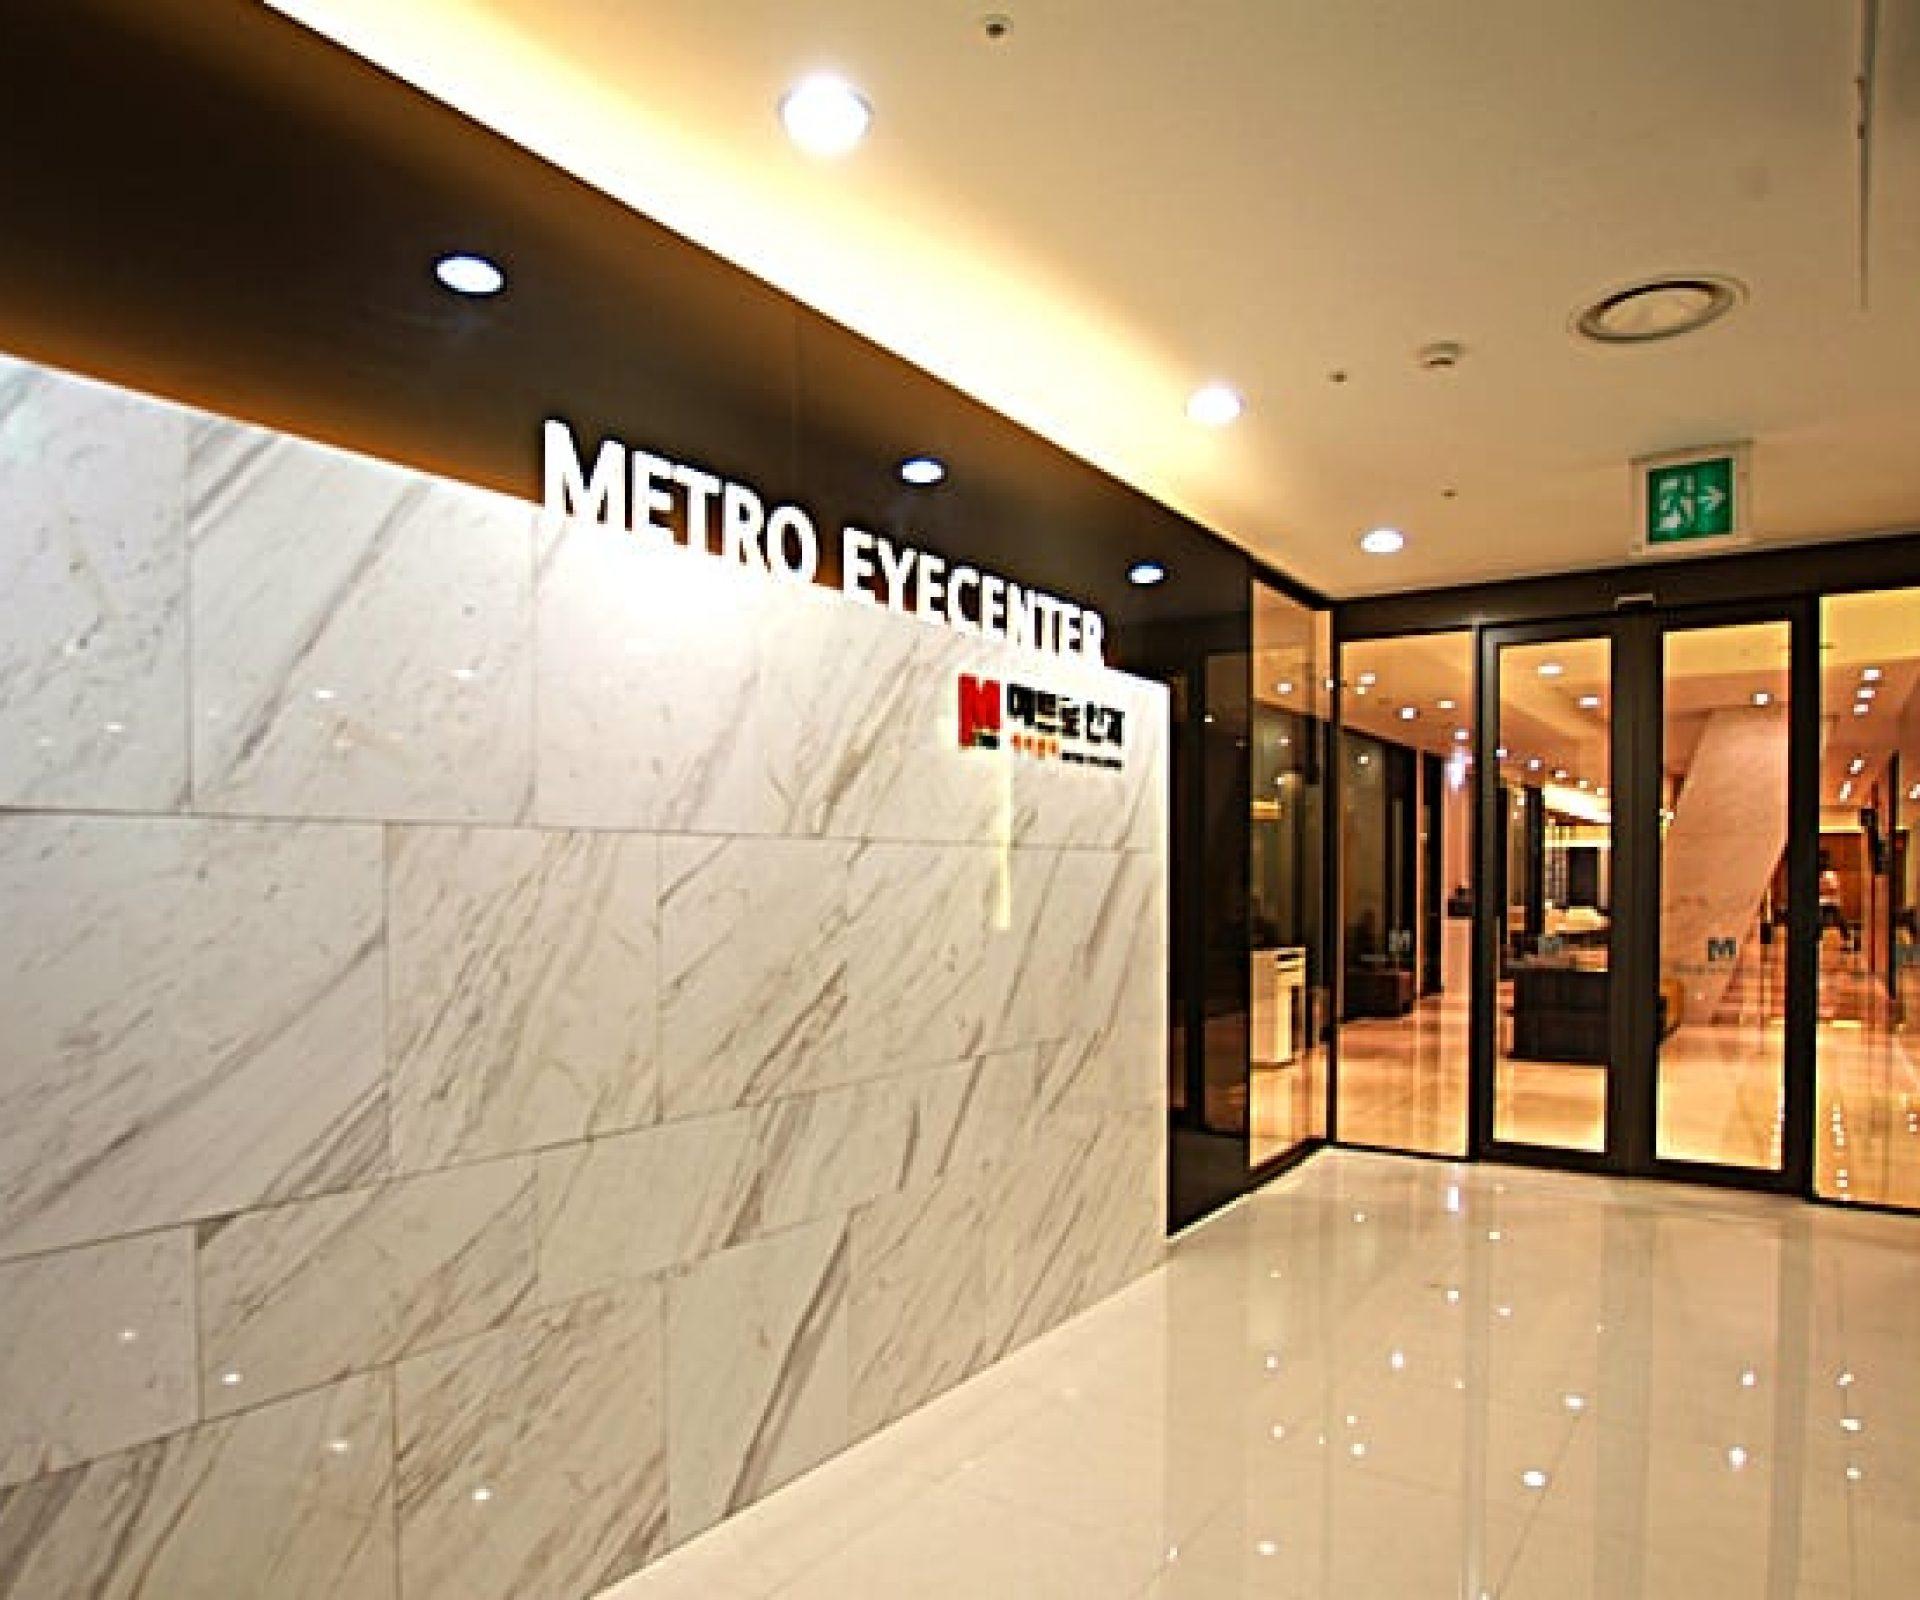 Metro Eye Center | Jung-gu, Daegu